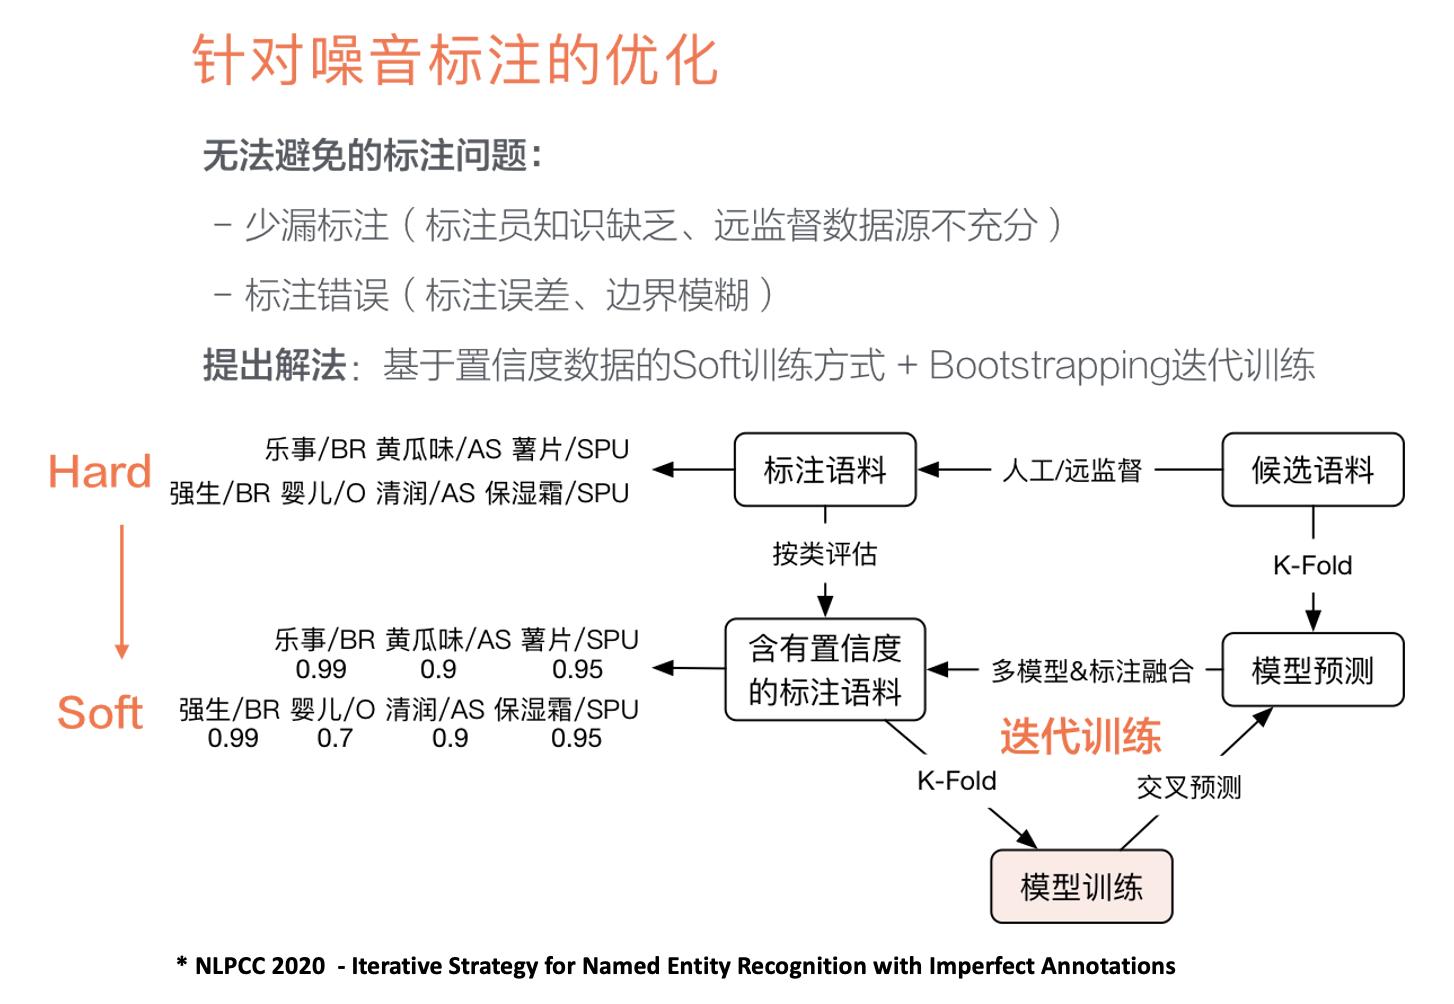 图11 基于噪音标注的NER优化